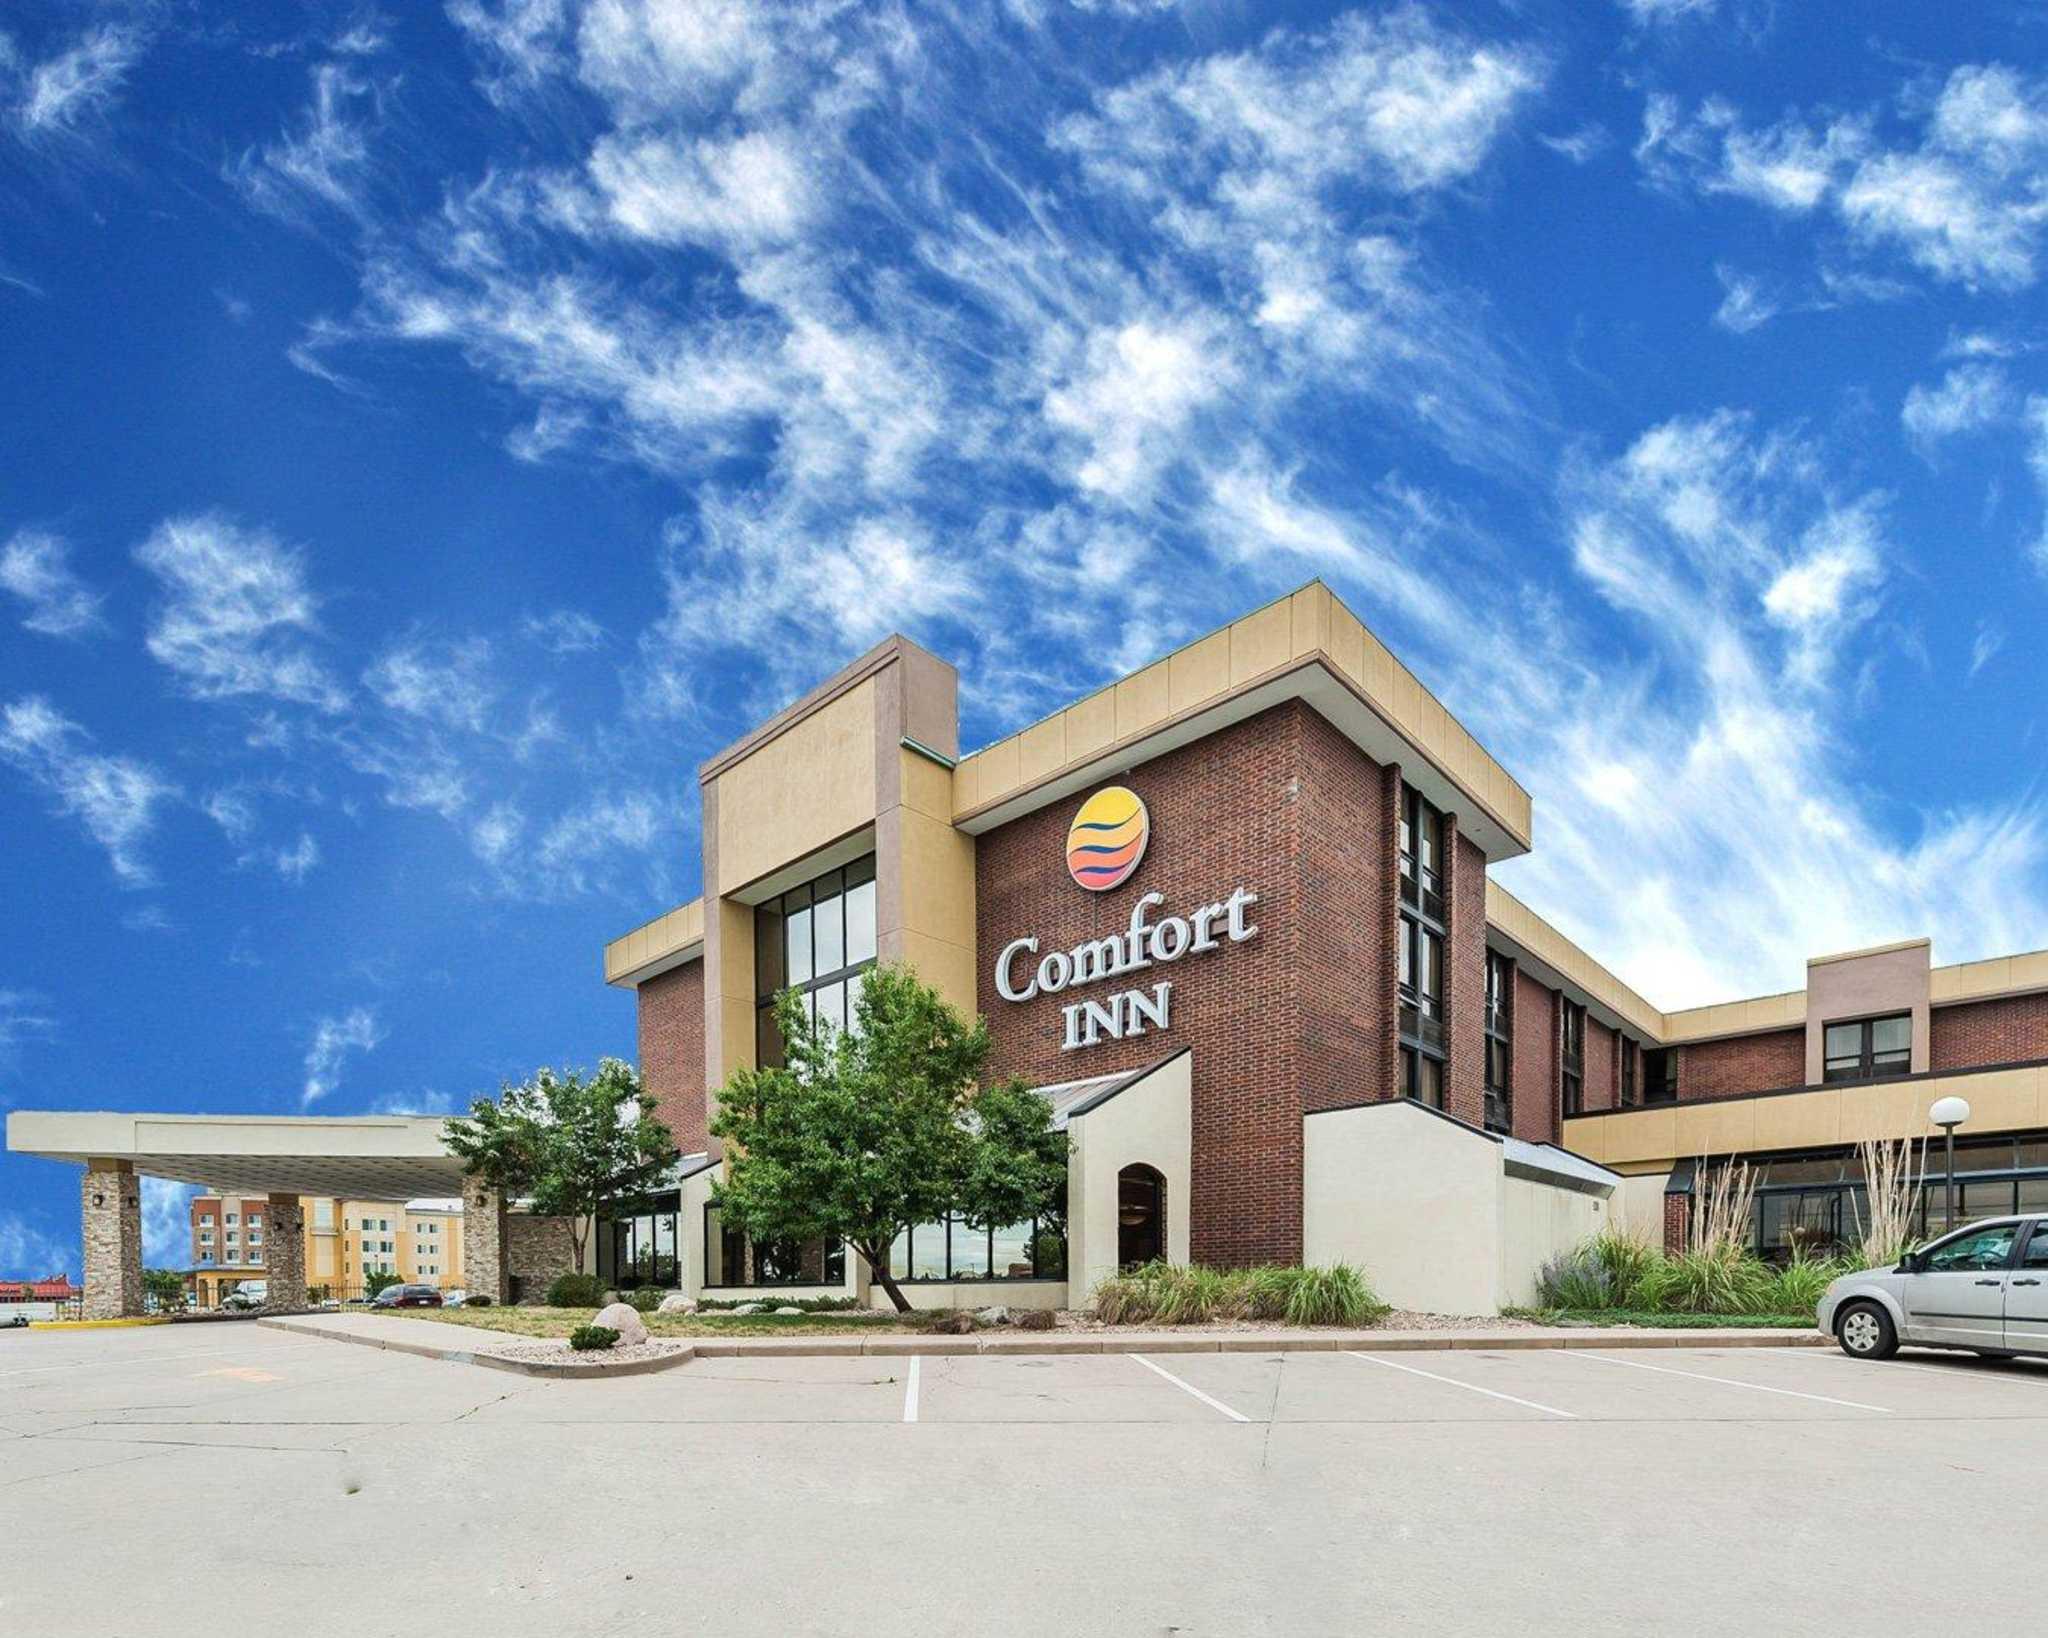 Comfort Inn Denver East image 1